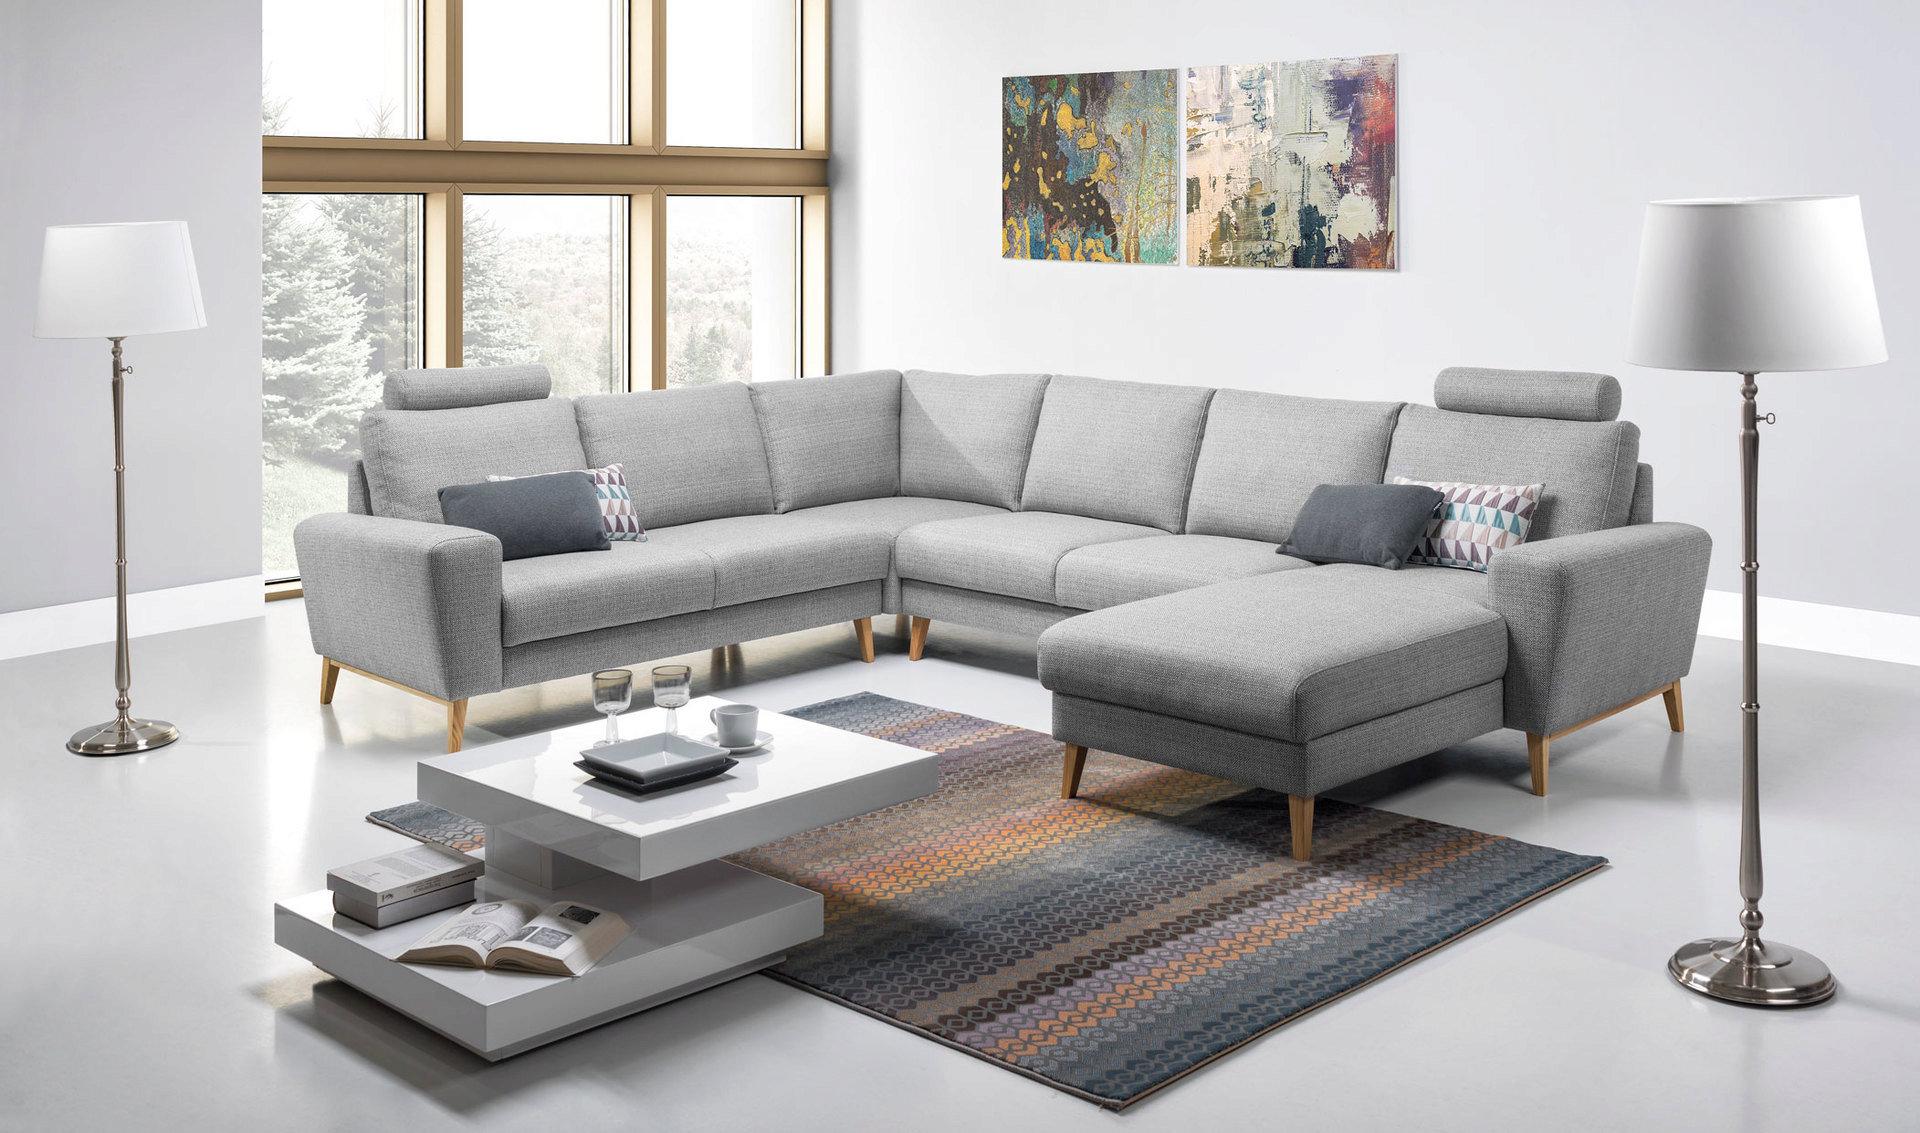 Aranżacyjna filozofia lagom – równowaga w domu